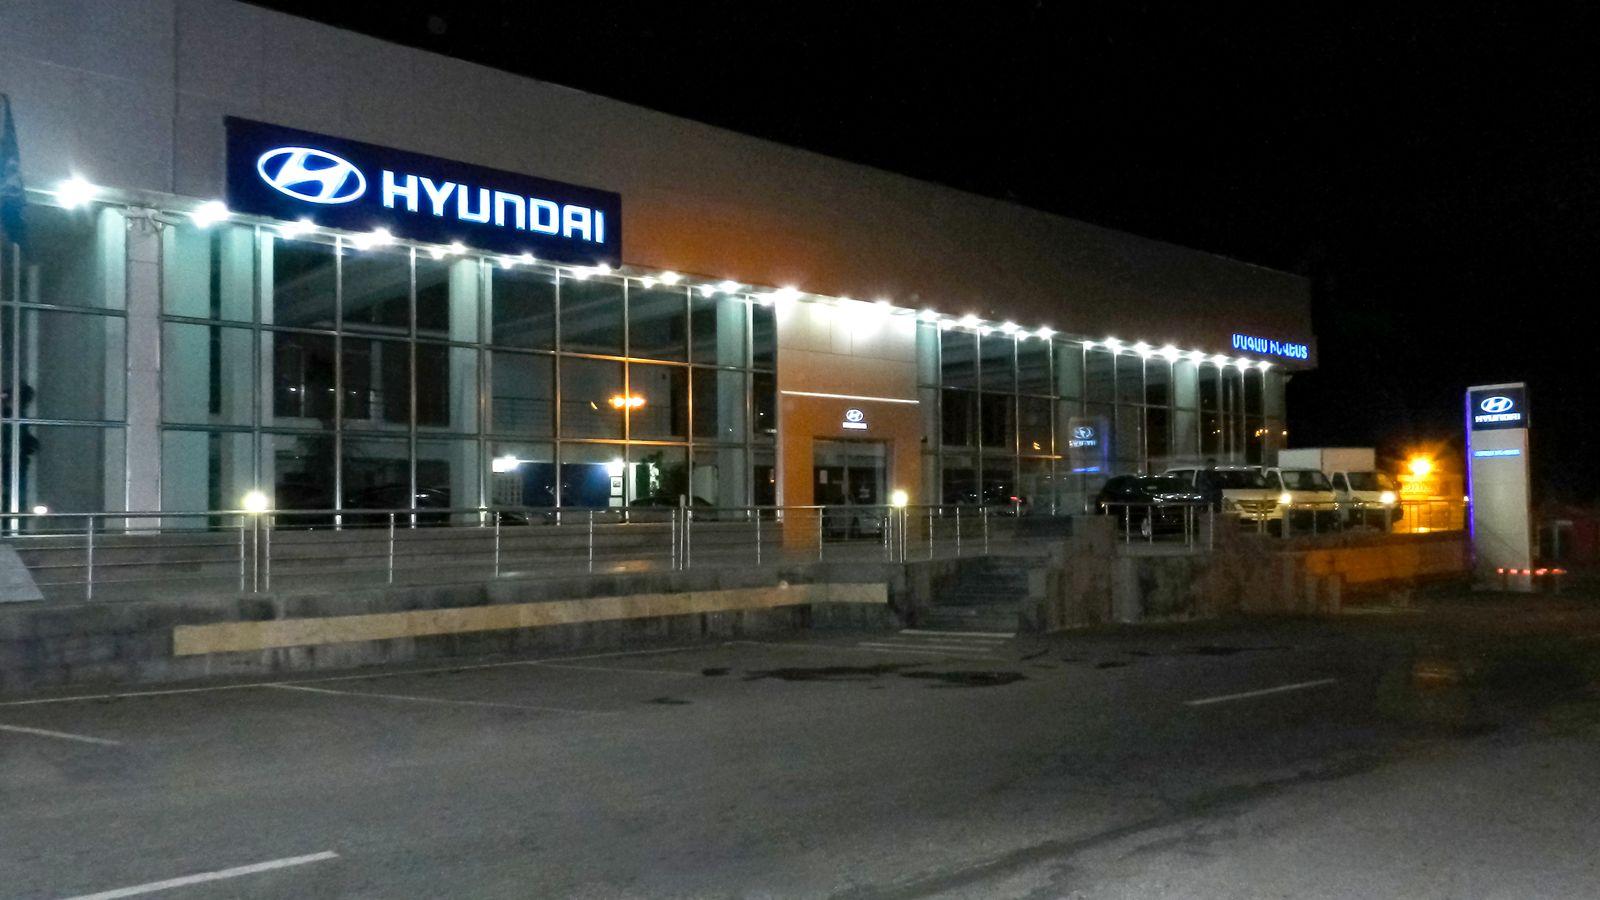 hyundai storefront signs